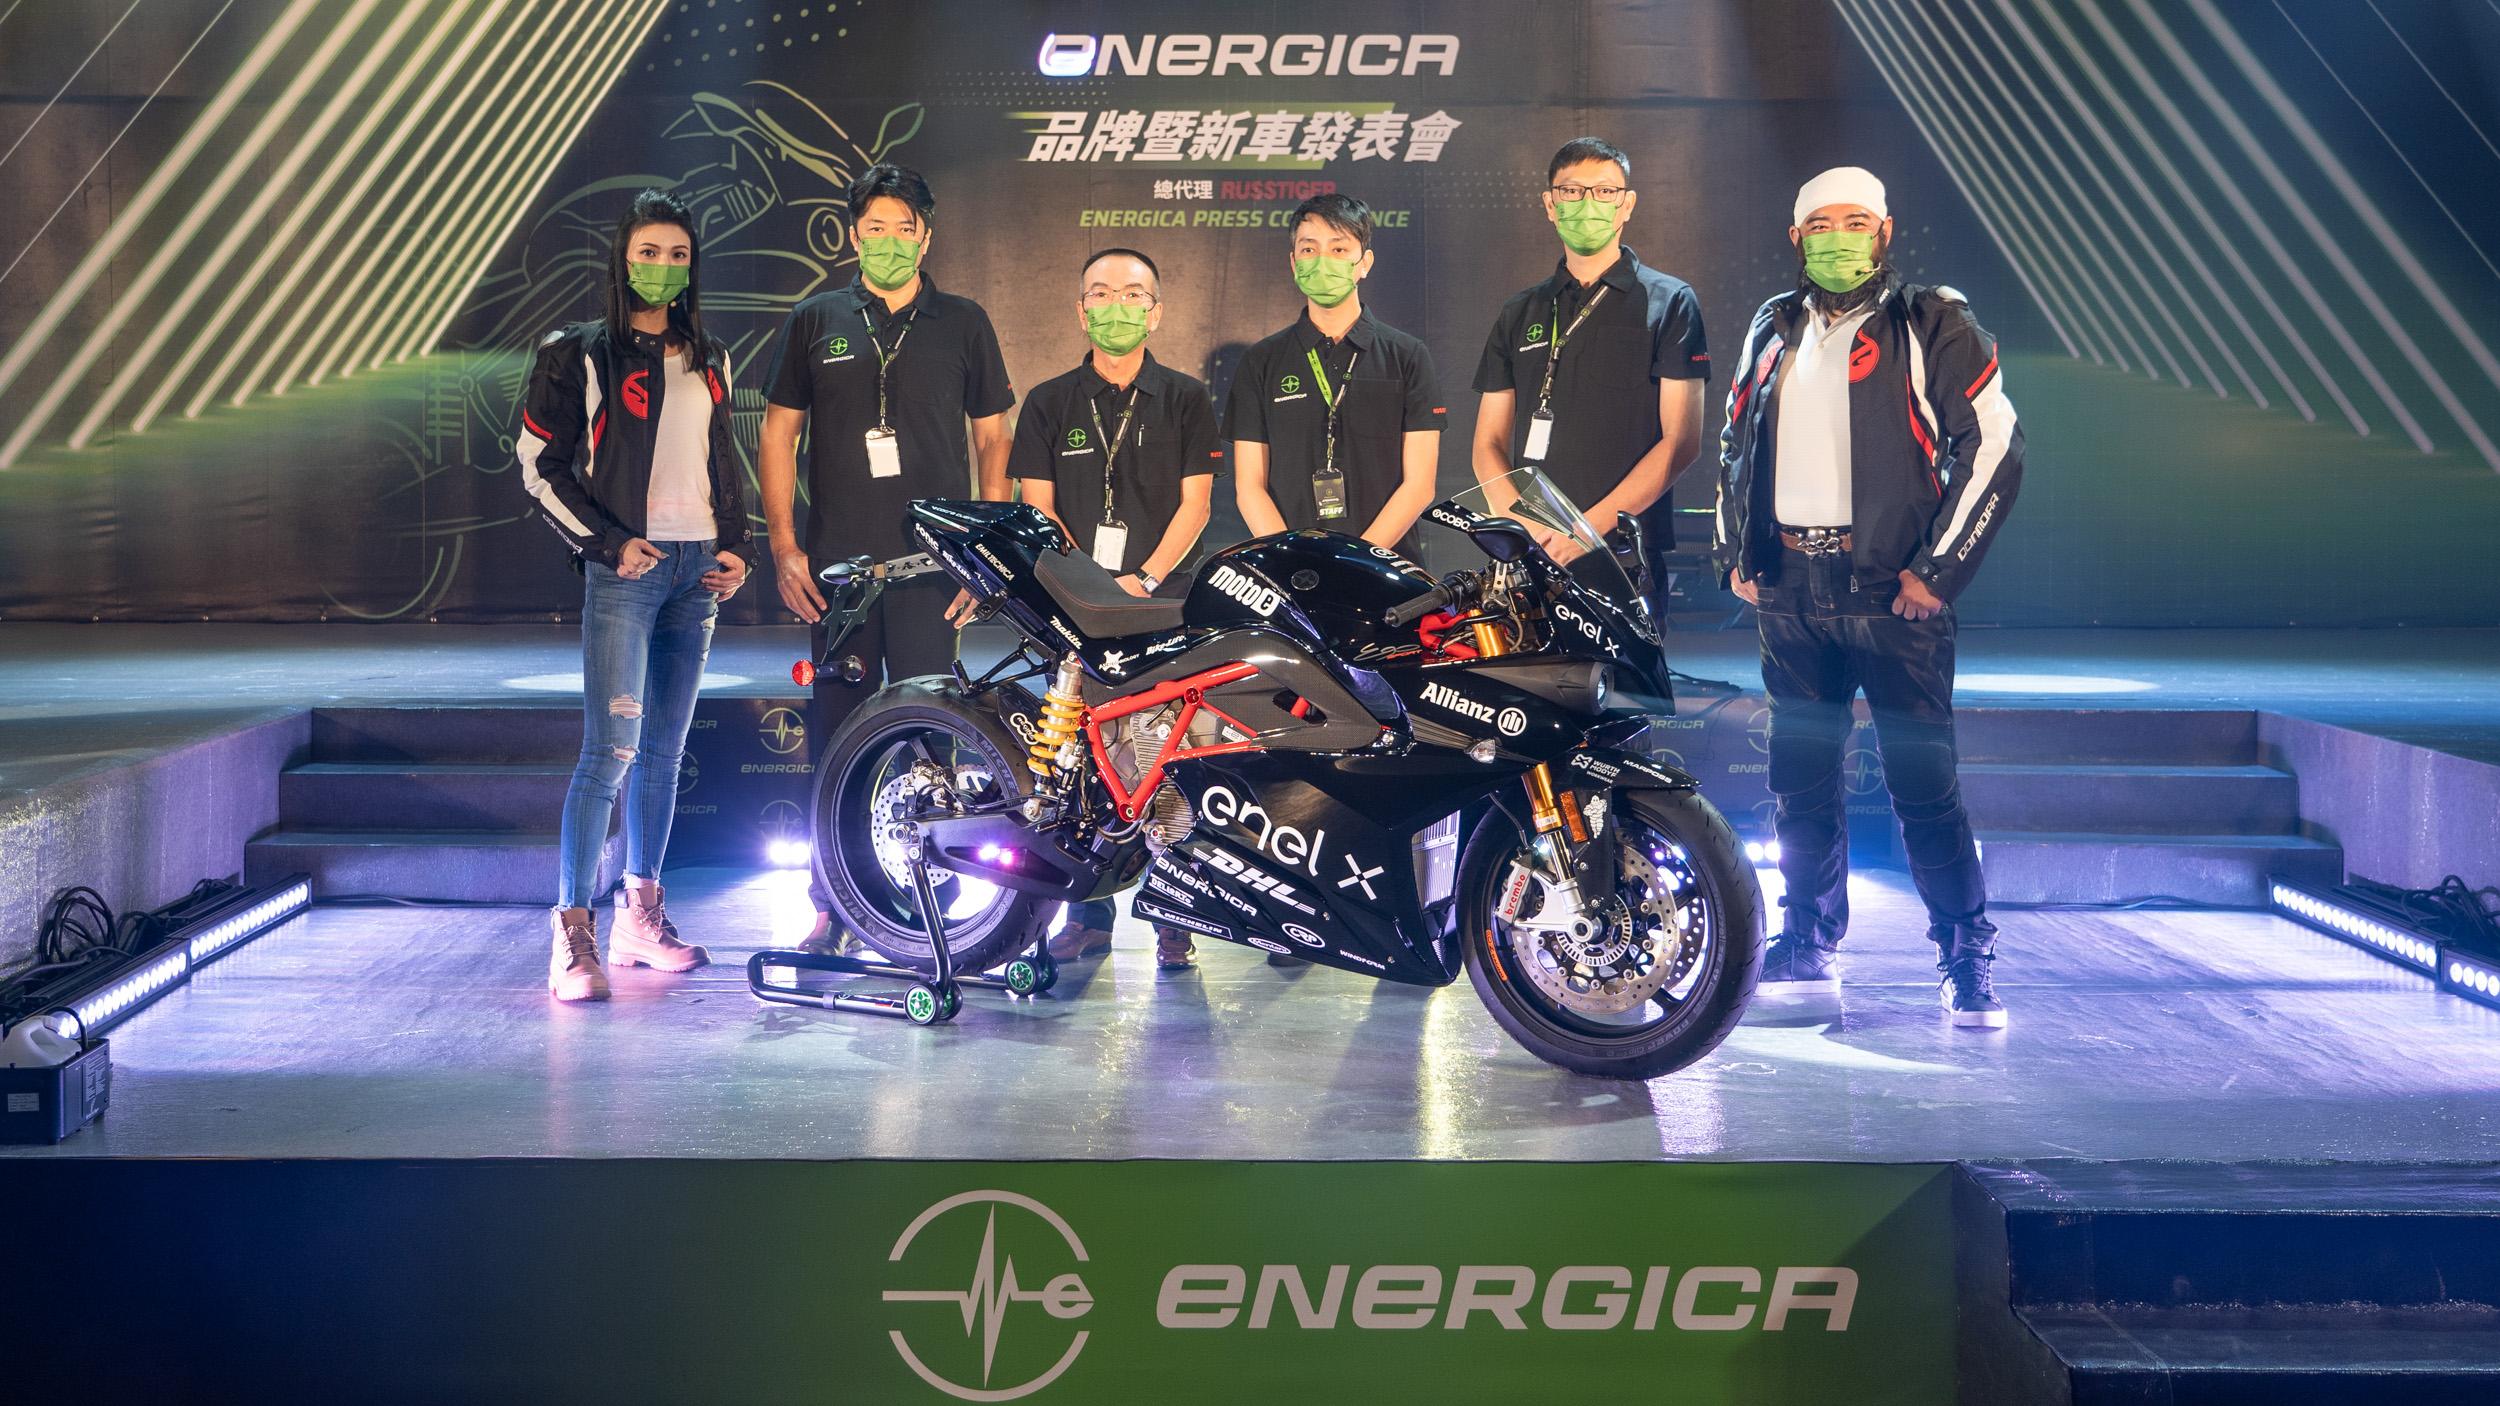 ▲ 義大利電動重機 Energica 在台上市!三車型同步推出,售價 126.8 萬元起